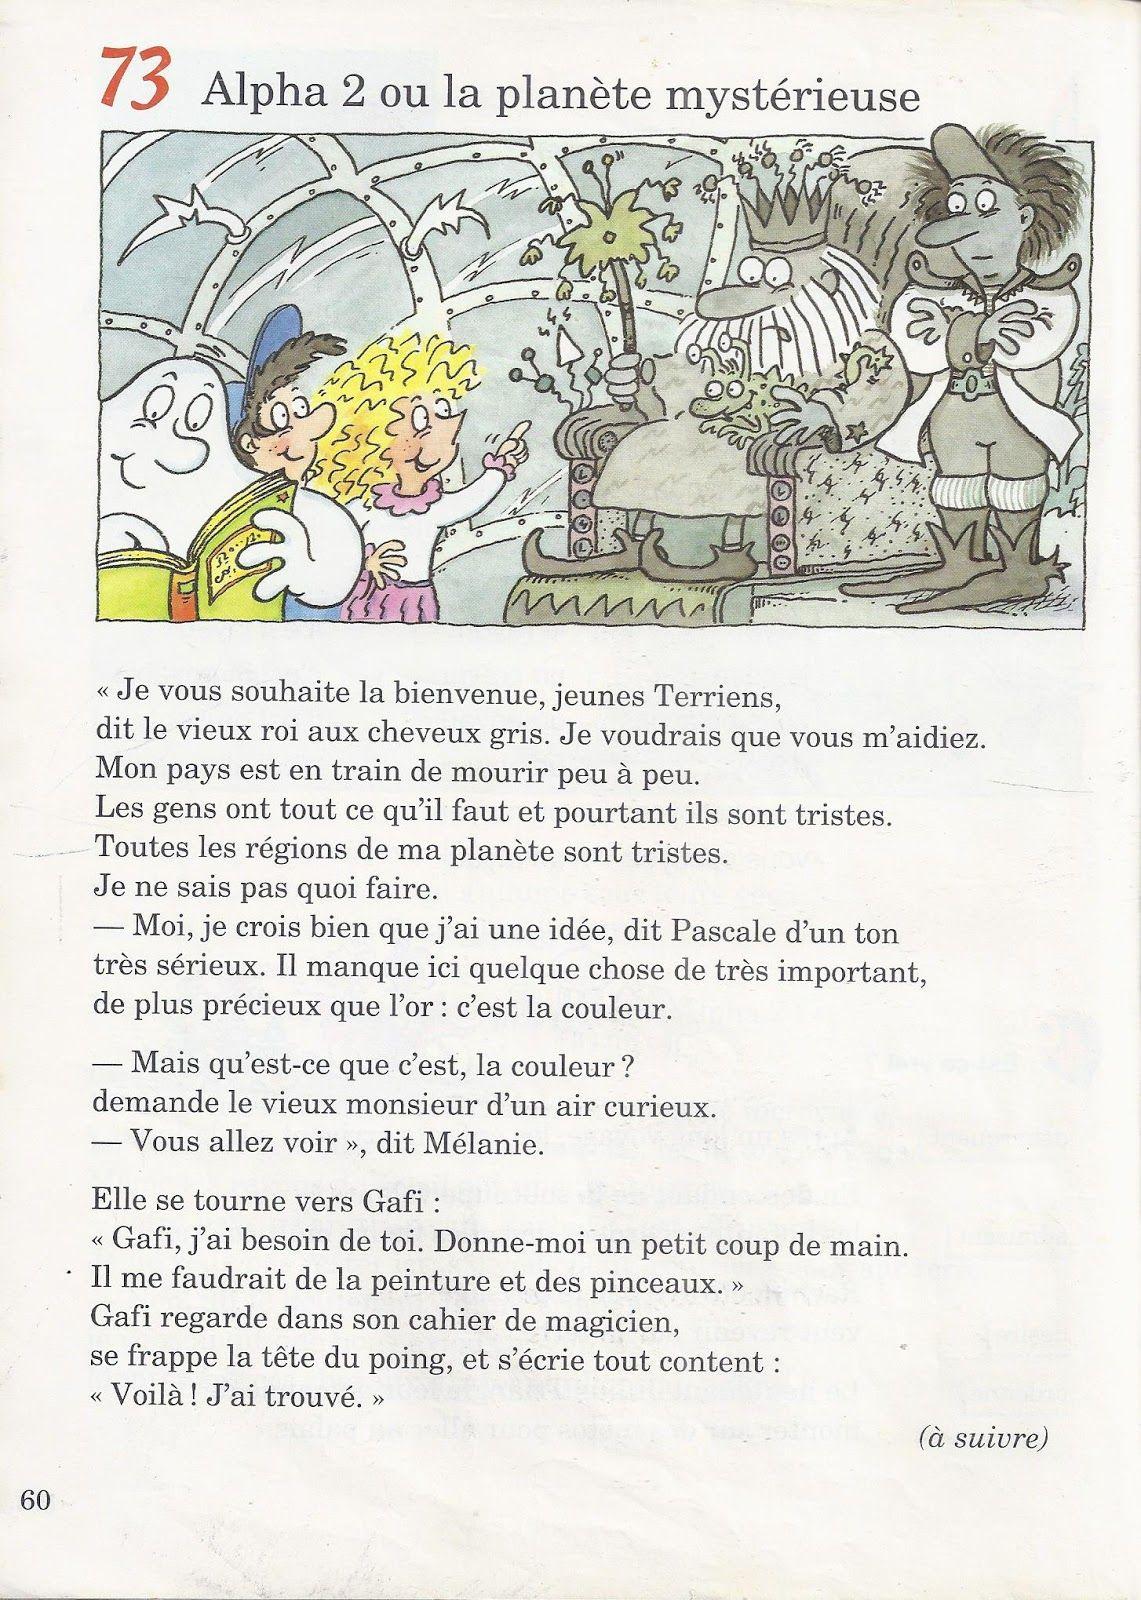 Bentolila Remond Rousseau Gafi Le Fantome Methode De Lecture Livret 2 1992 Grandes Images Methode De Lecture Lecture Dialogue Francais